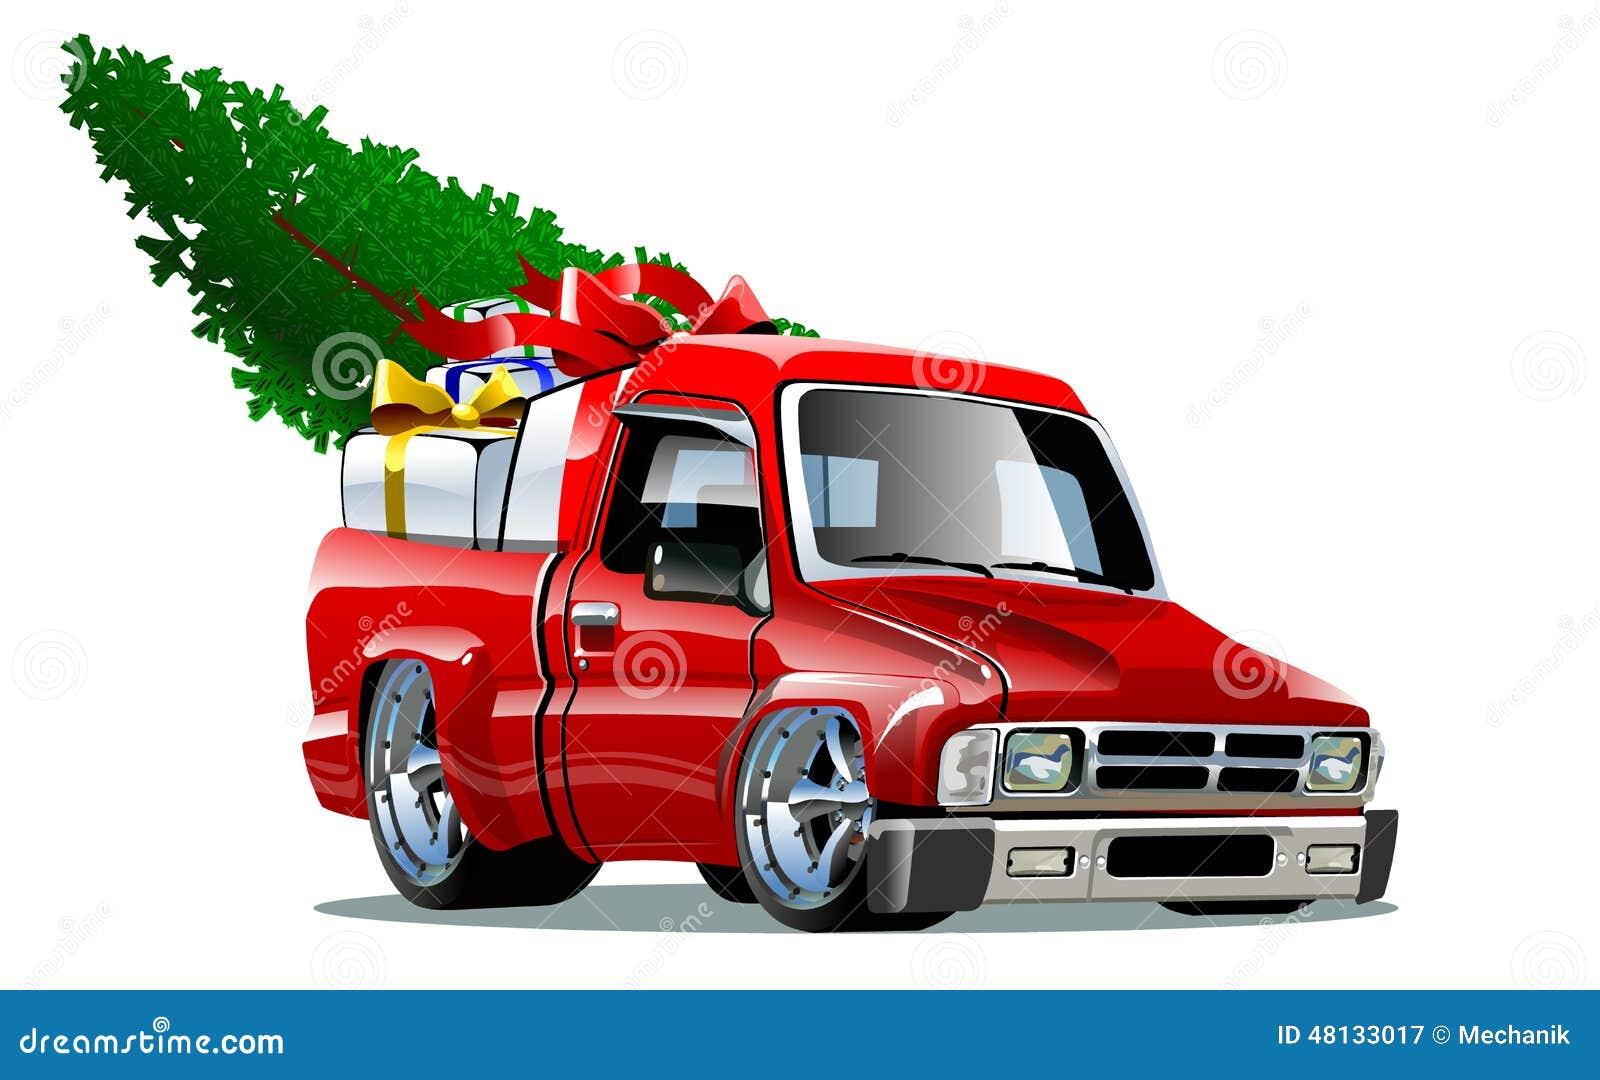 Karikatur-Weihnachtsaufnahme Vektor Abbildung - Illustration von ...